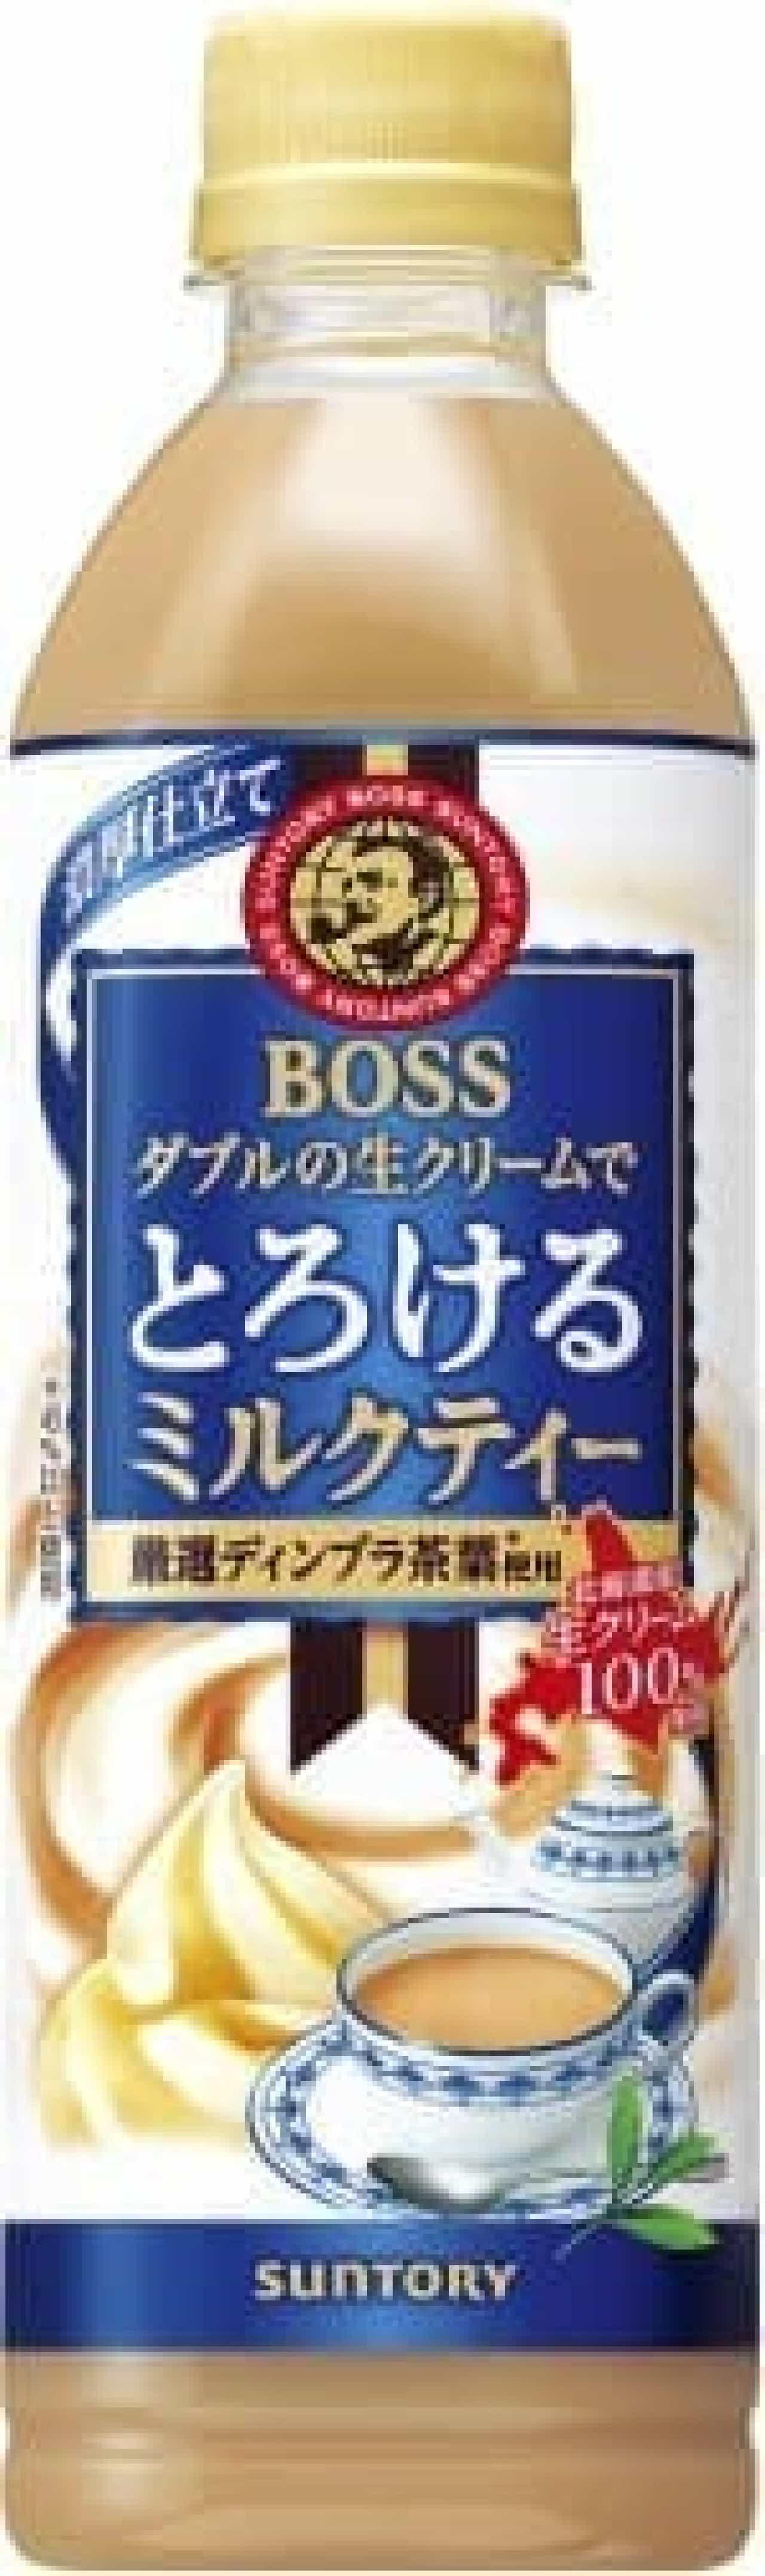 サントリー「ボス とろけるミルクティー」